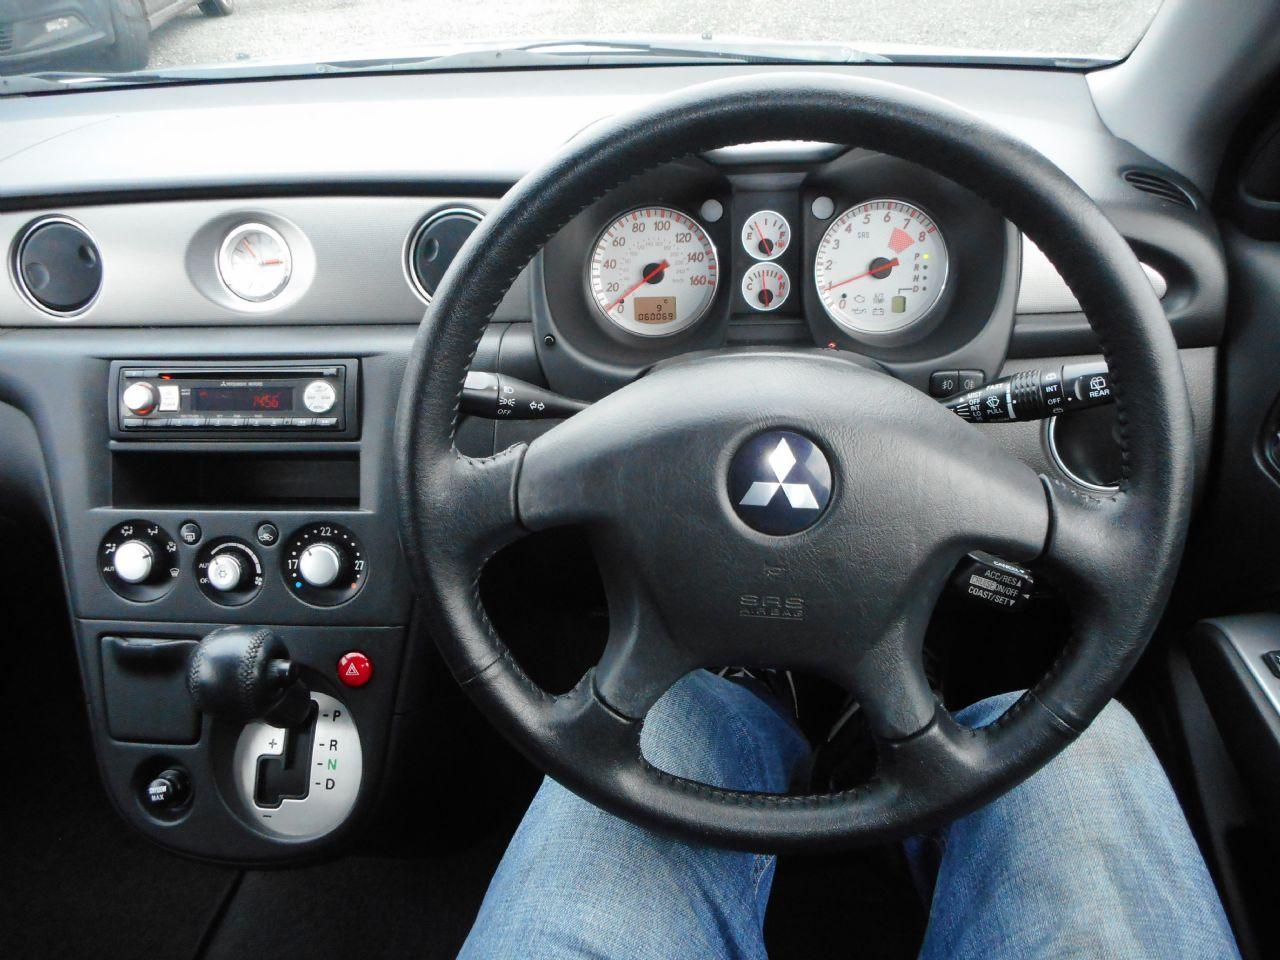 MITSUBISHI OUTLANDER 2.4 MIVEC Sport SE Auto (2006) - Picture 12